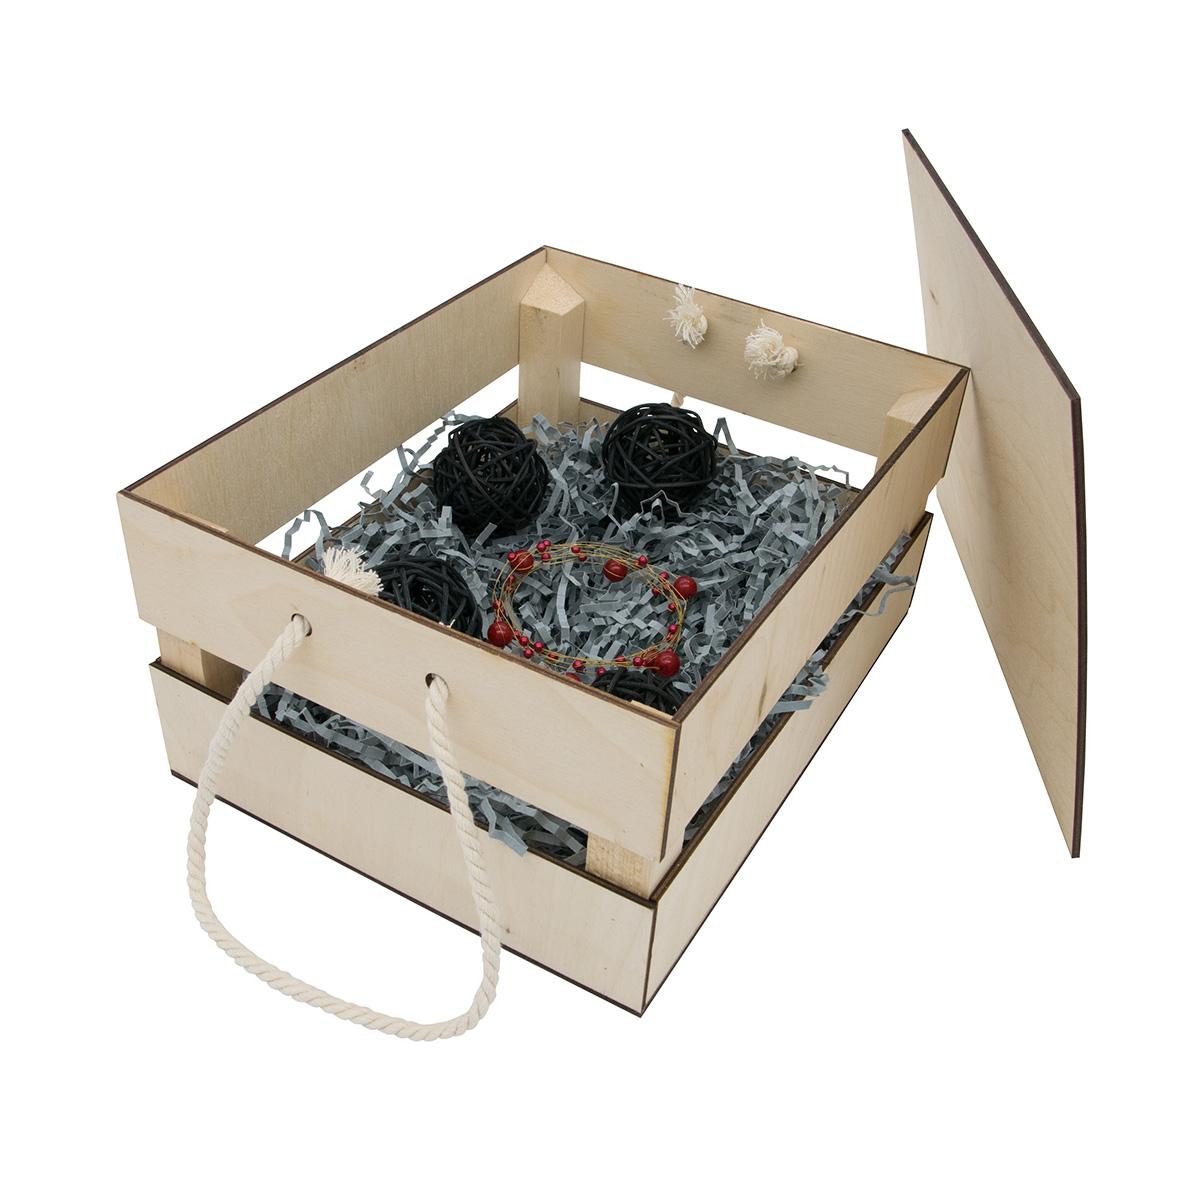 НА-027 Набор для оформления подарка 'Черный мужской', ящик 25*30 см, белый